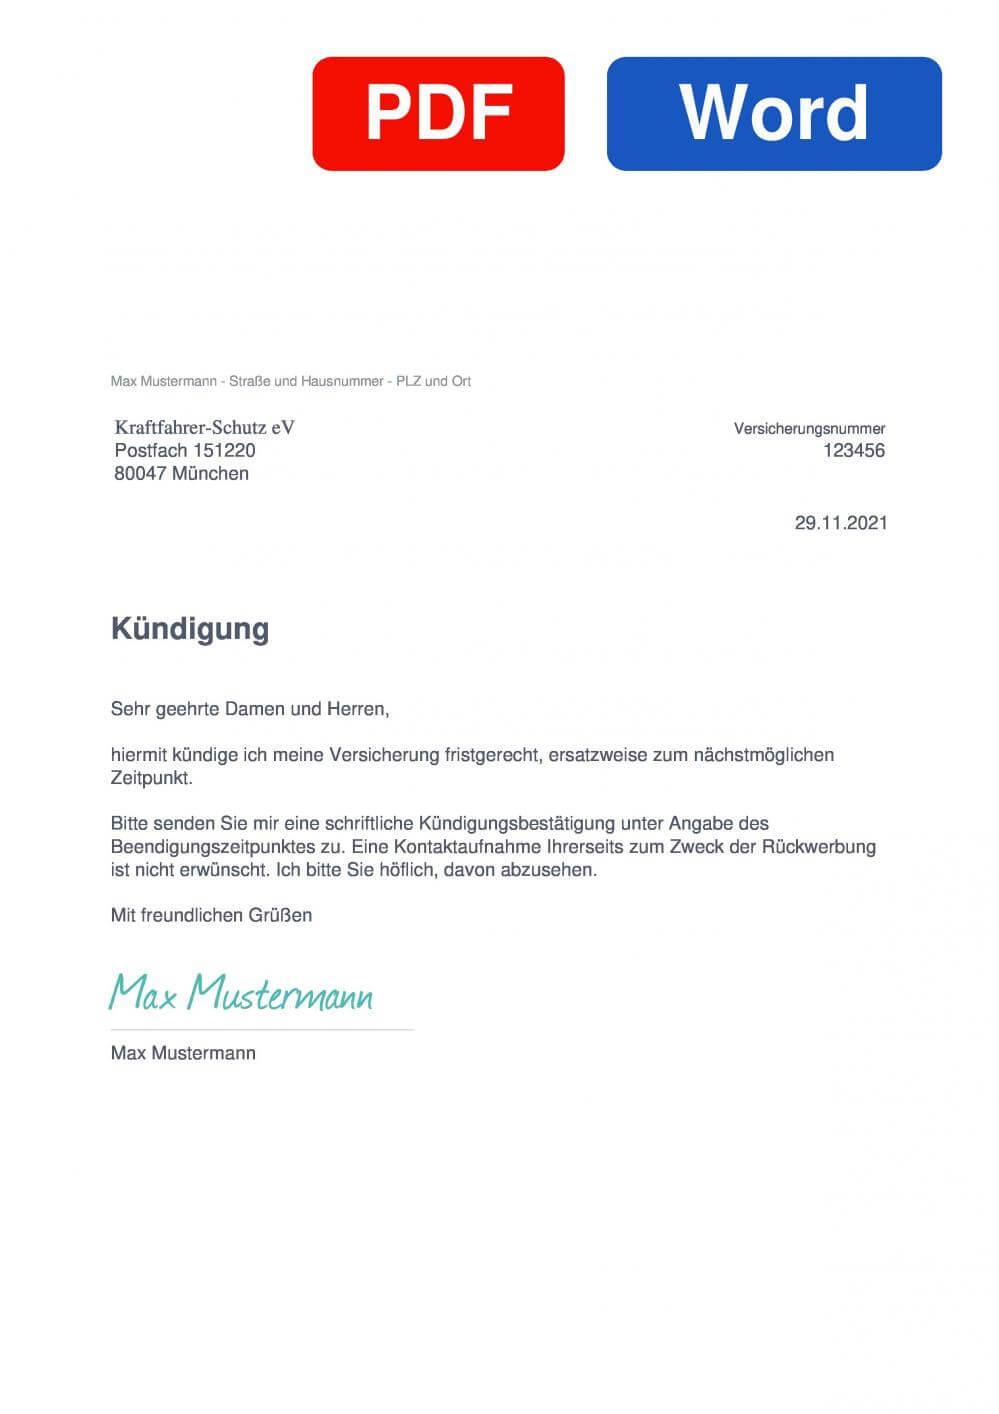 KS/AUXILIA Muster Vorlage für Kündigungsschreiben